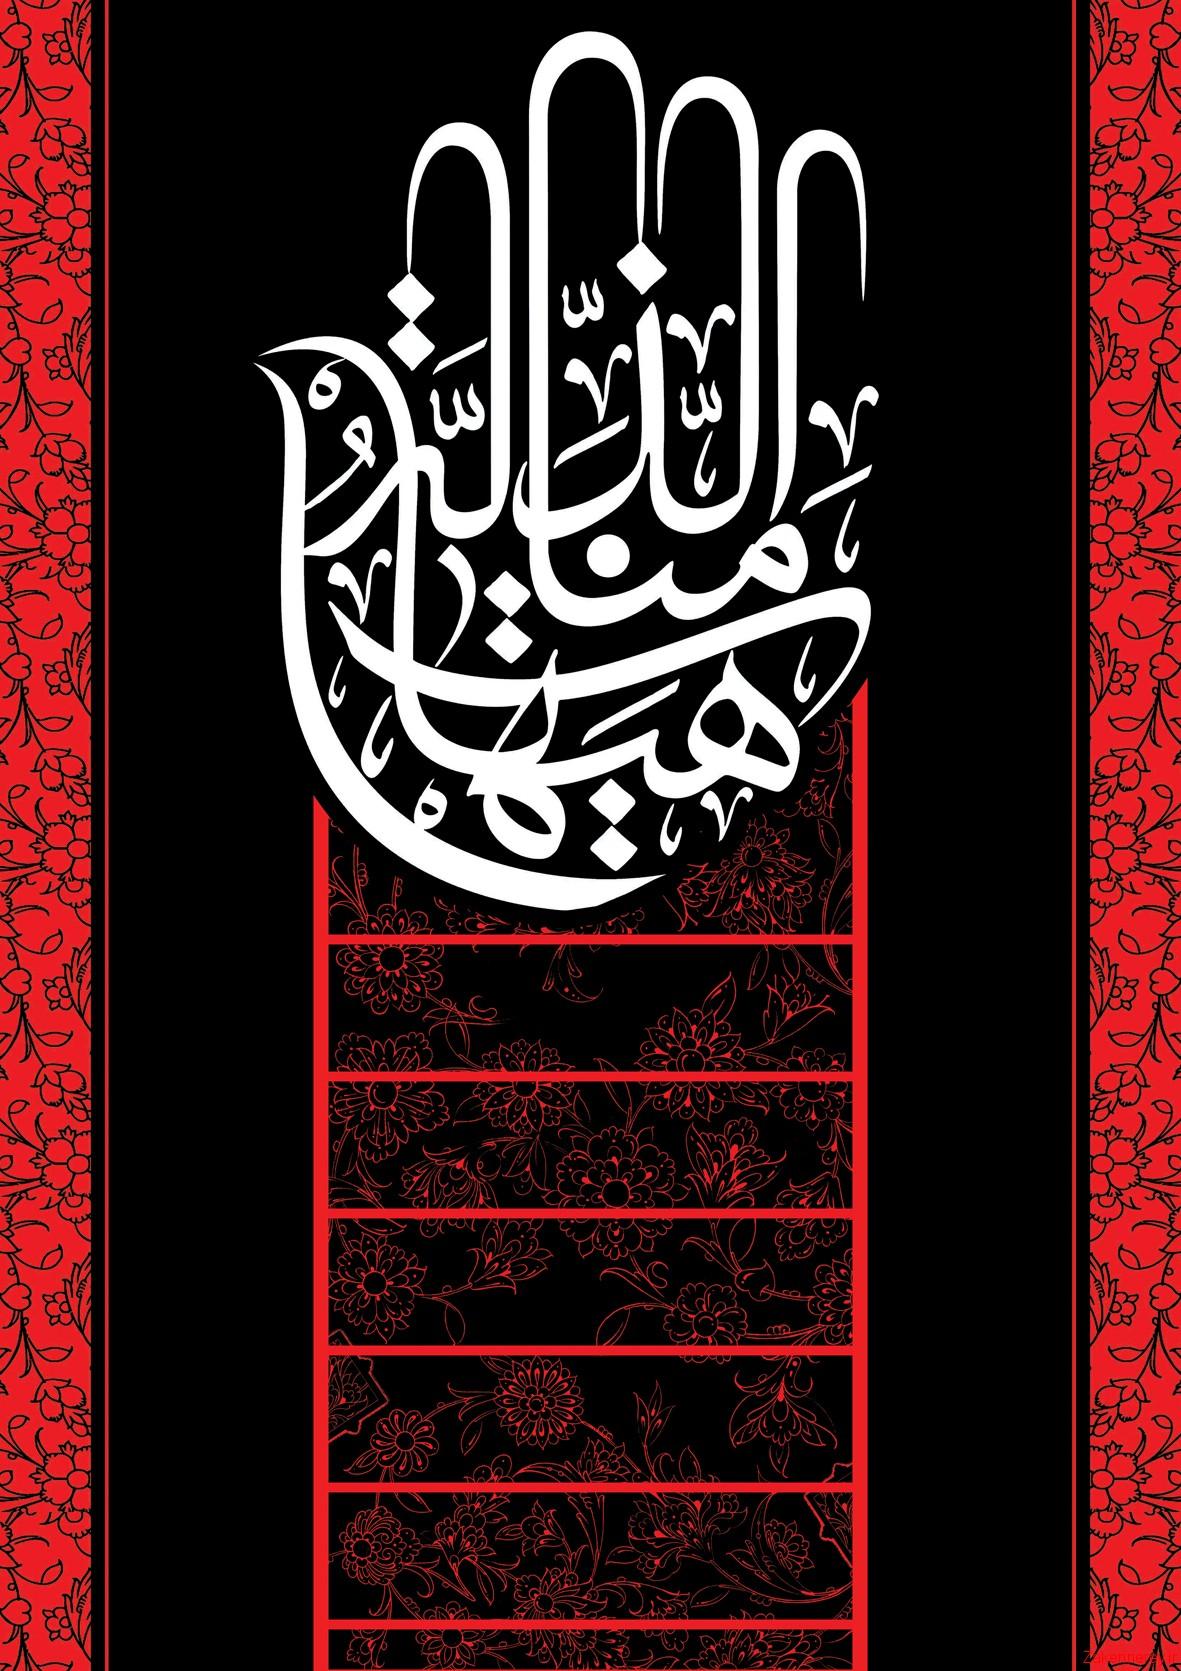 طرح خام تاتو عکسهای امام علی علیه السلام | سایت عکس